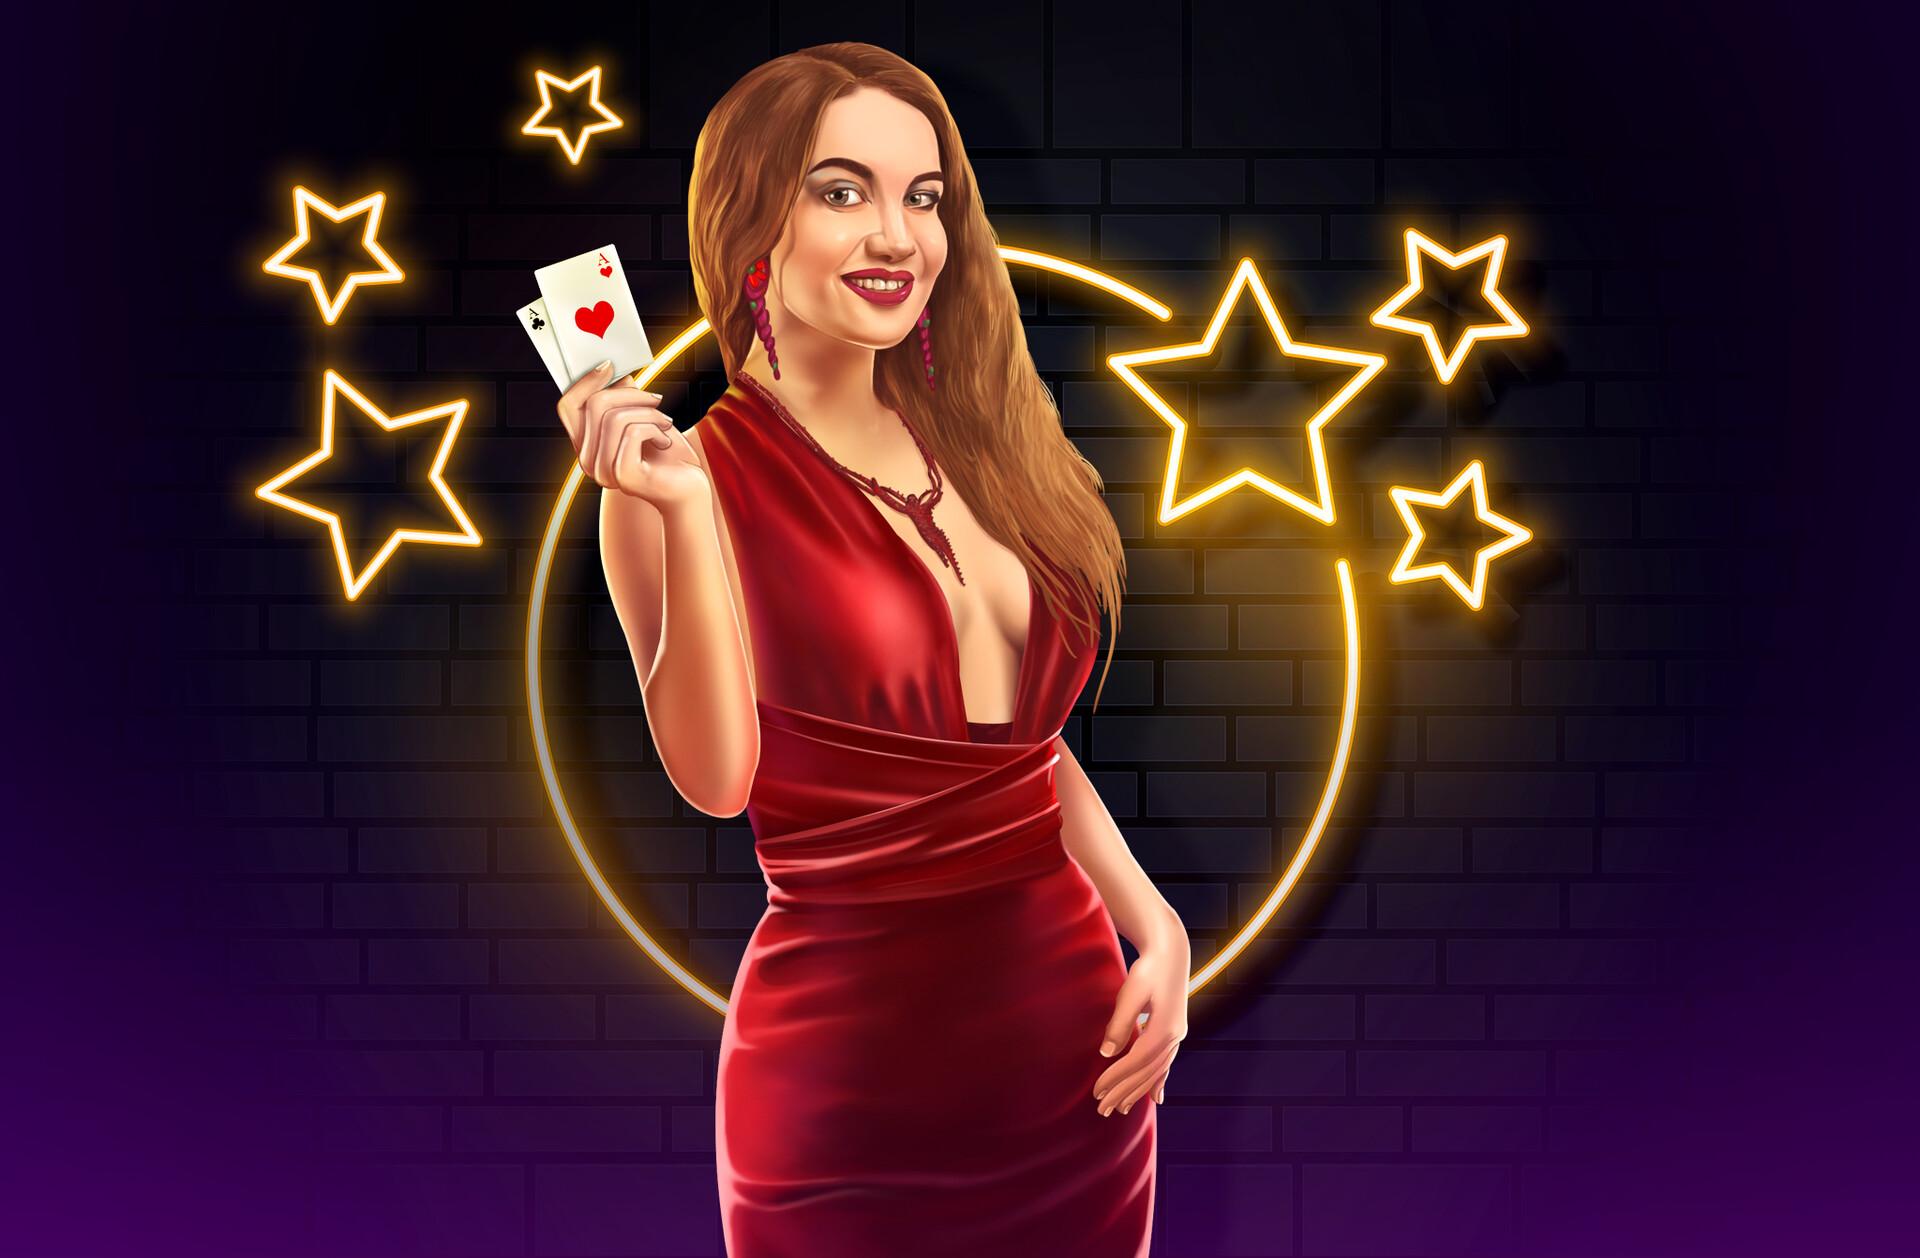 ArtStation - Casino Lady, PITHANI AV